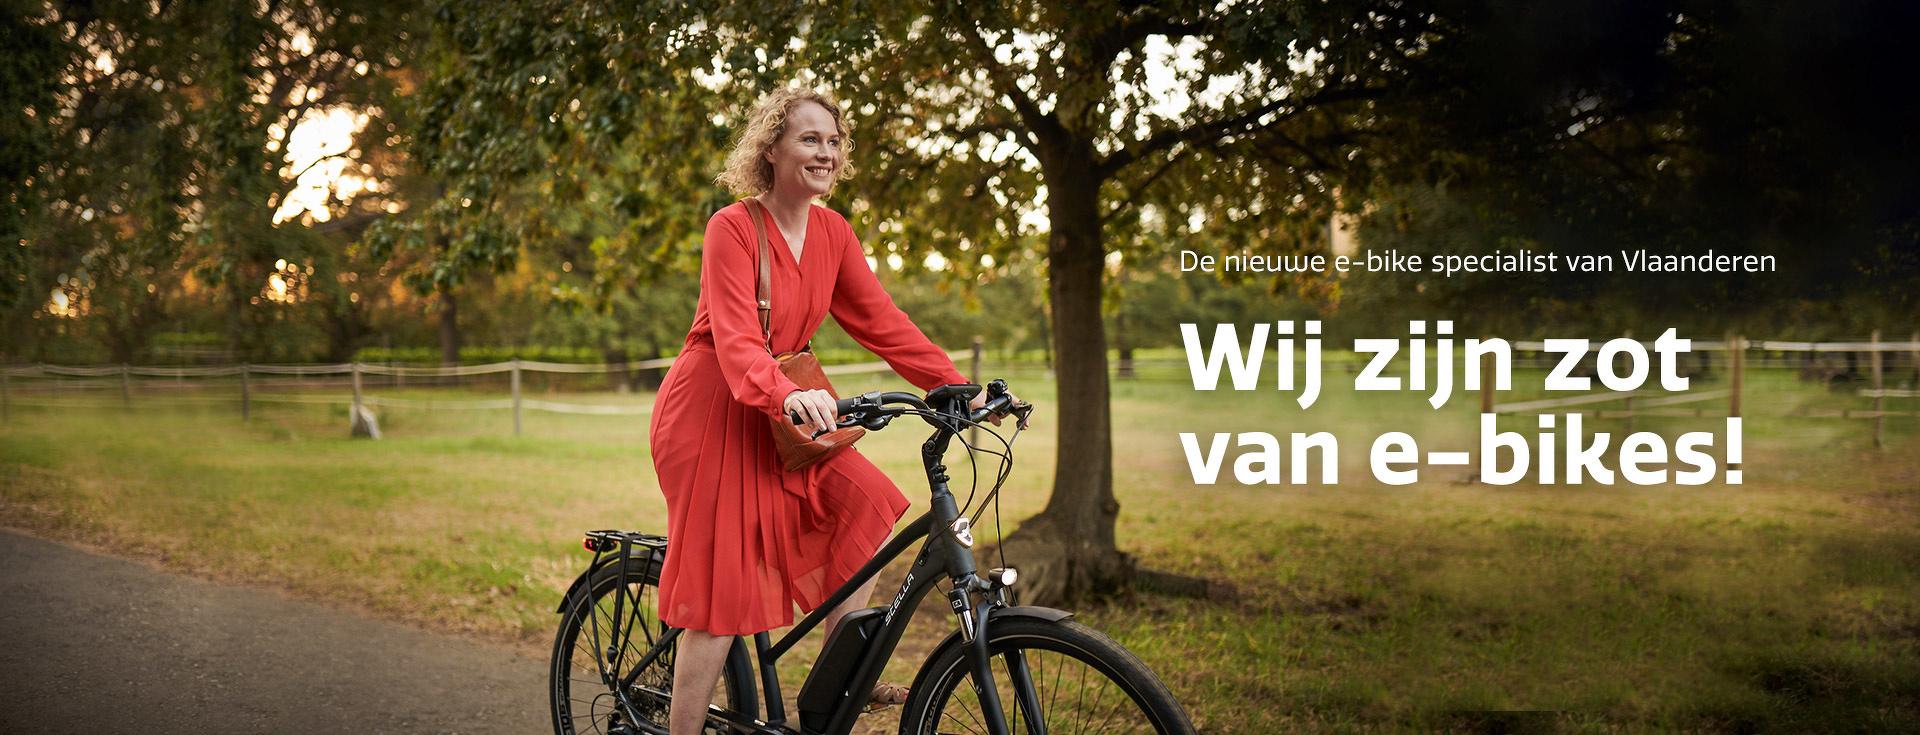 De nieuwe e-bike specialist van Vlaanderen